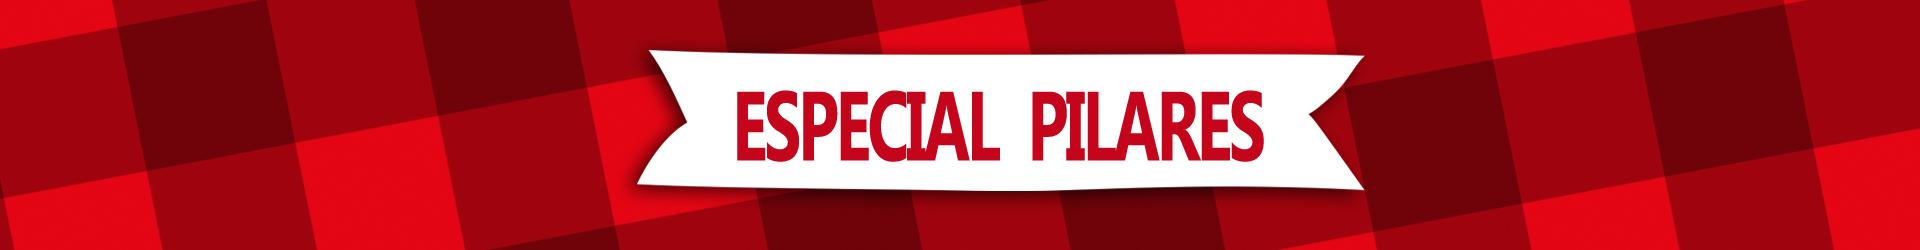 Regalos especiales Pilar 2020